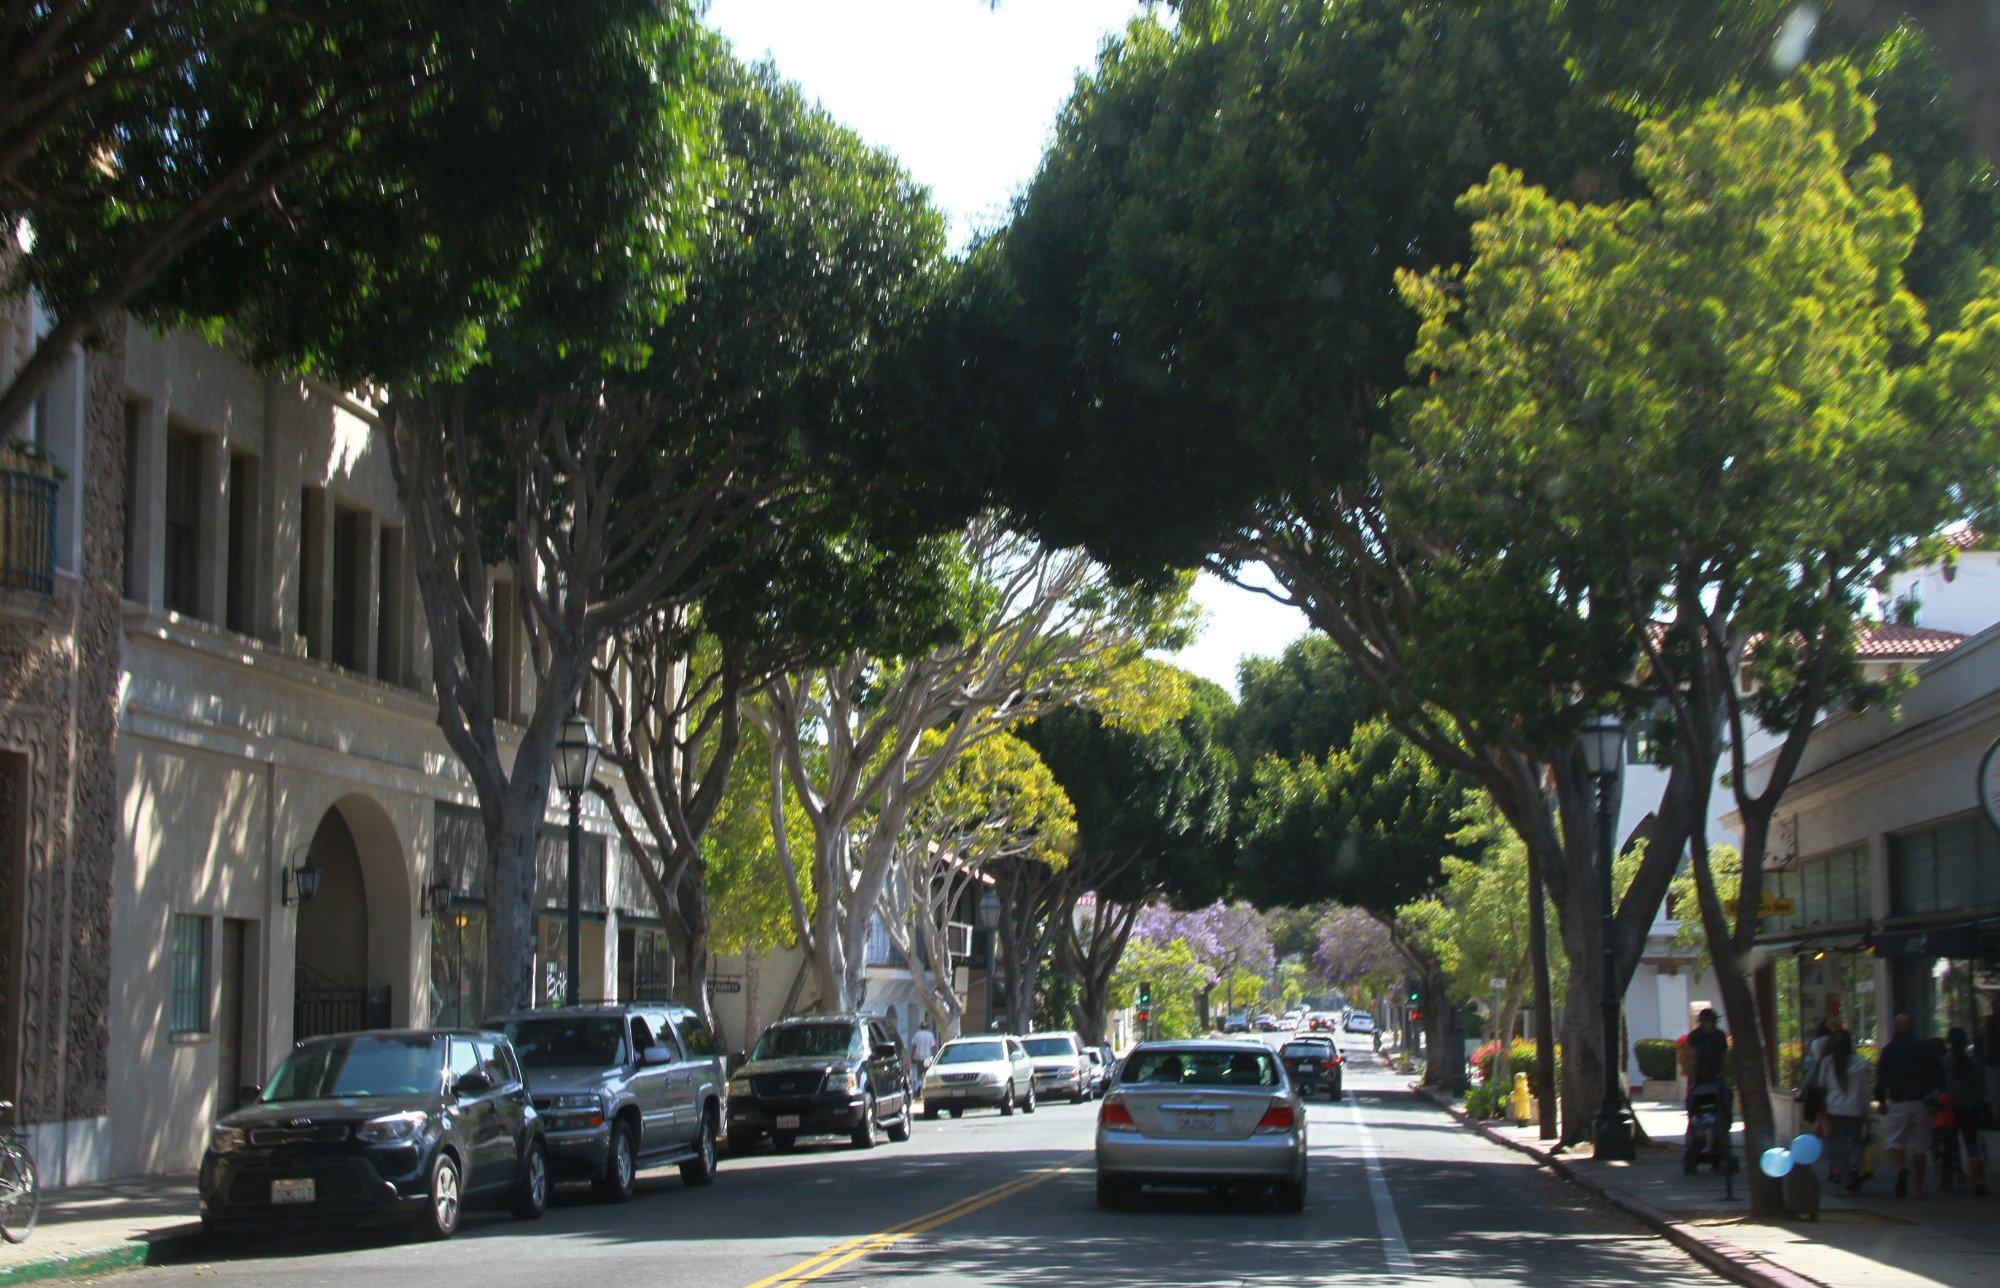 Avenues in down town santa Barbara